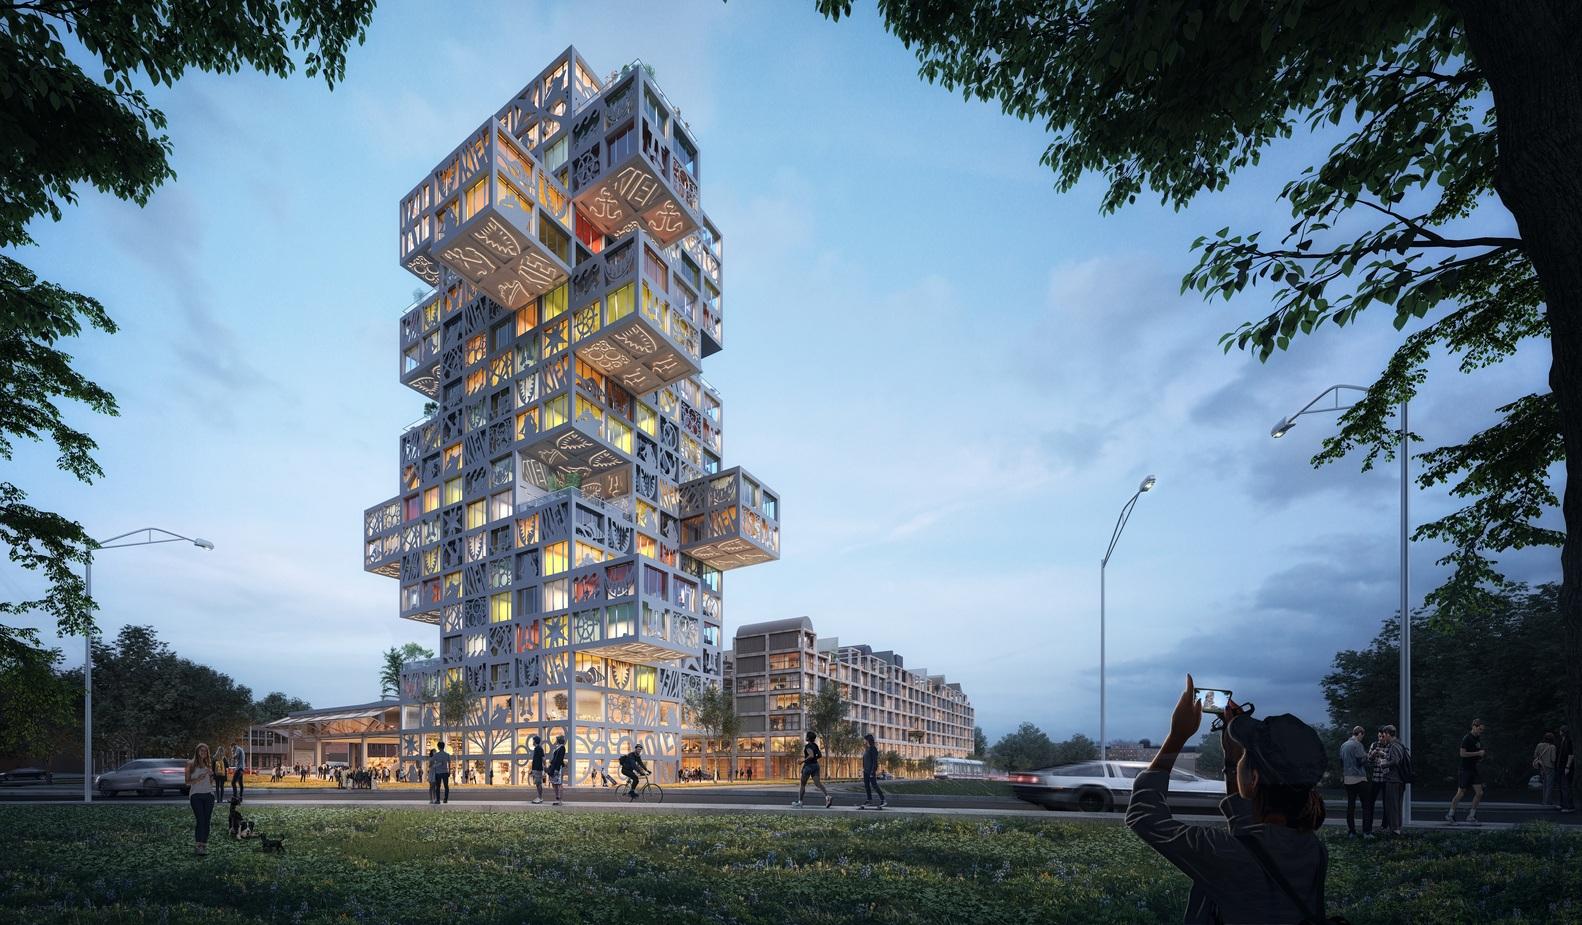 طراحی مجتمع تجاری مسکونی توسط گروه معماری MVRDV - KoolKiel Tower 1 1